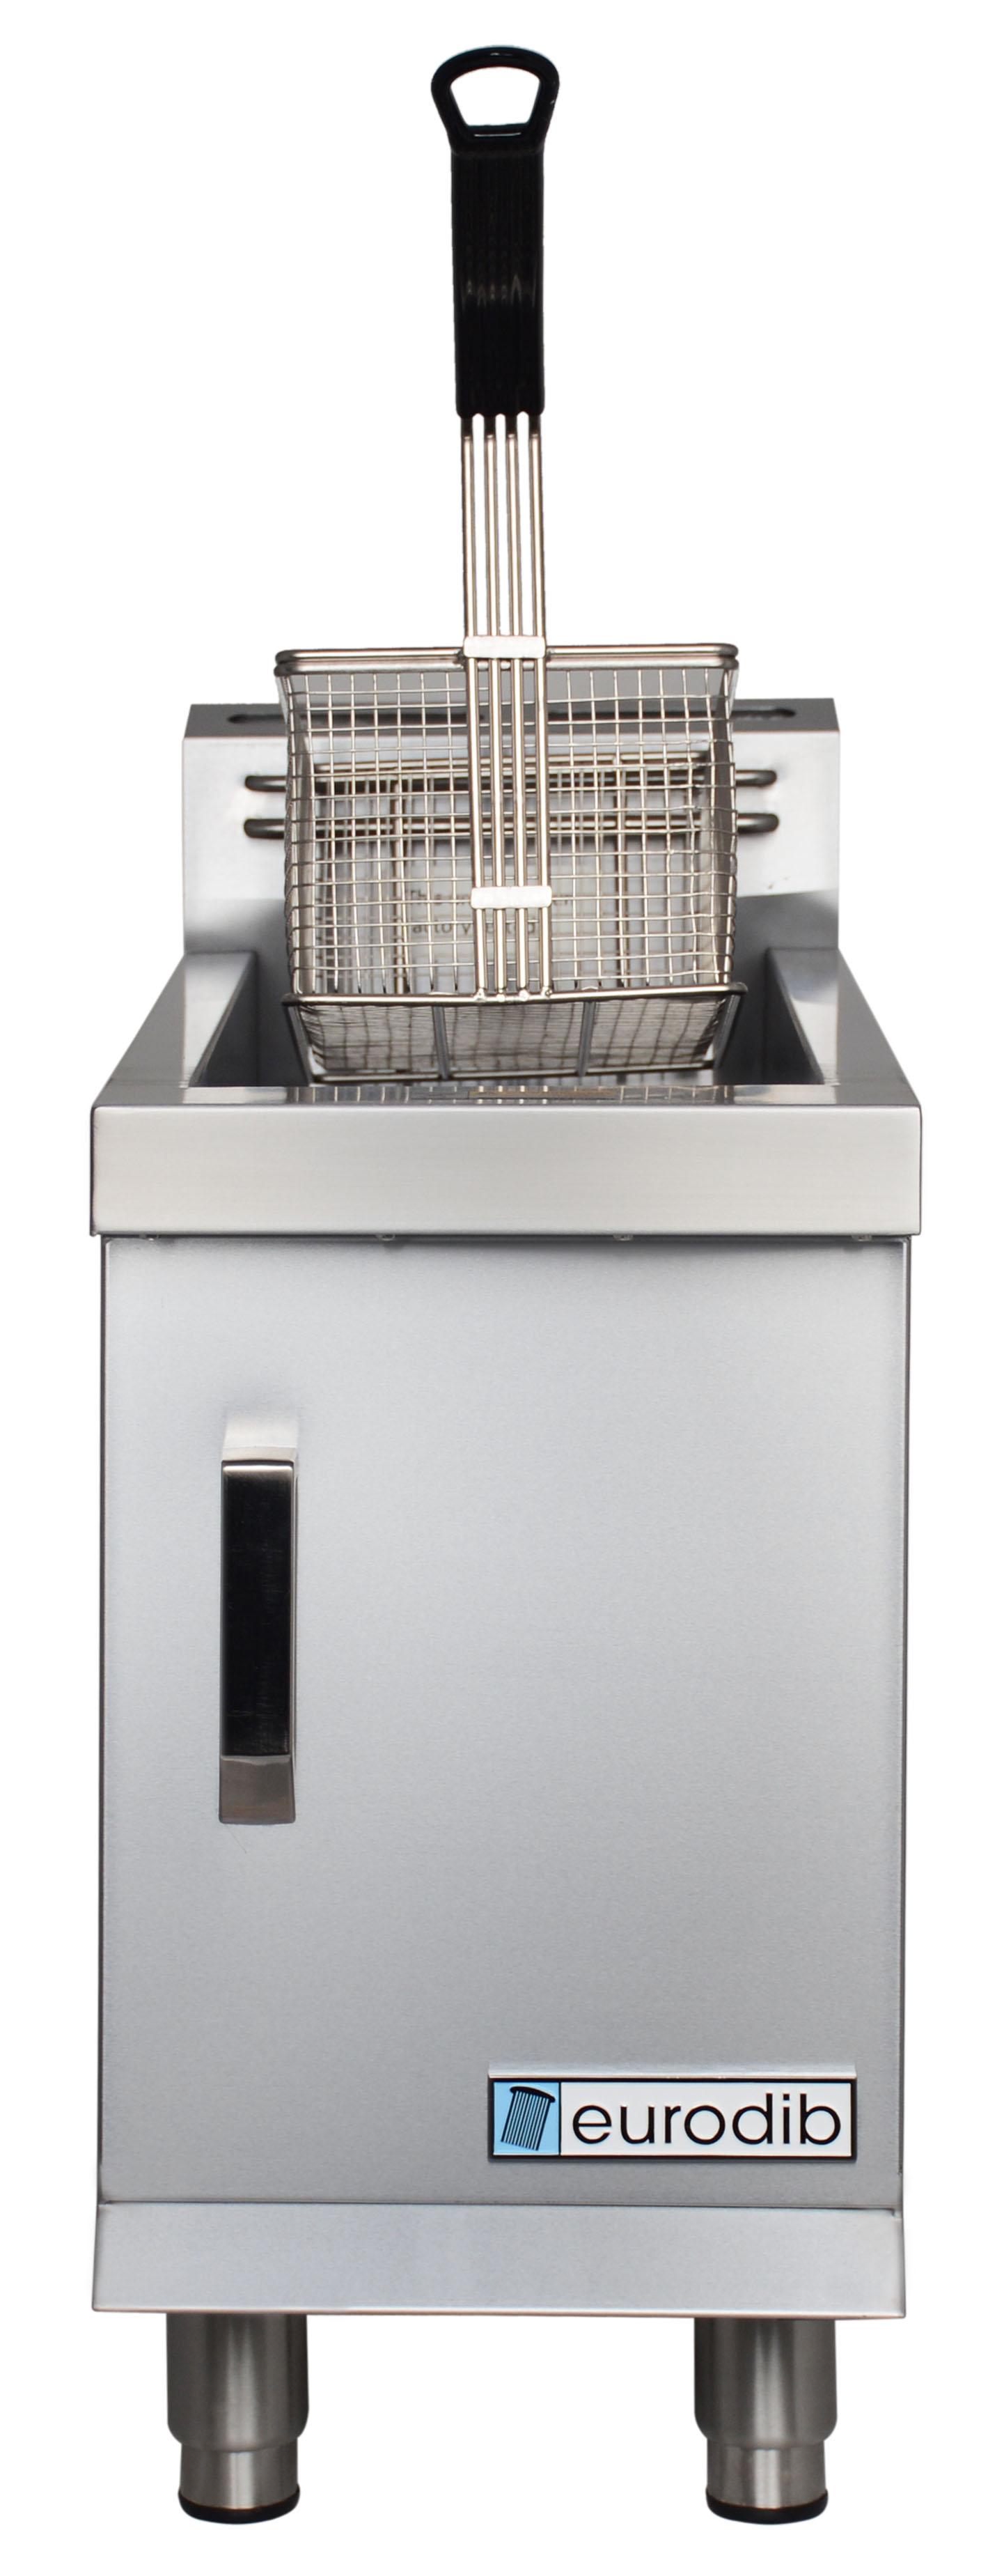 Eurodib USA T-CF30 L single countertop gas fryer